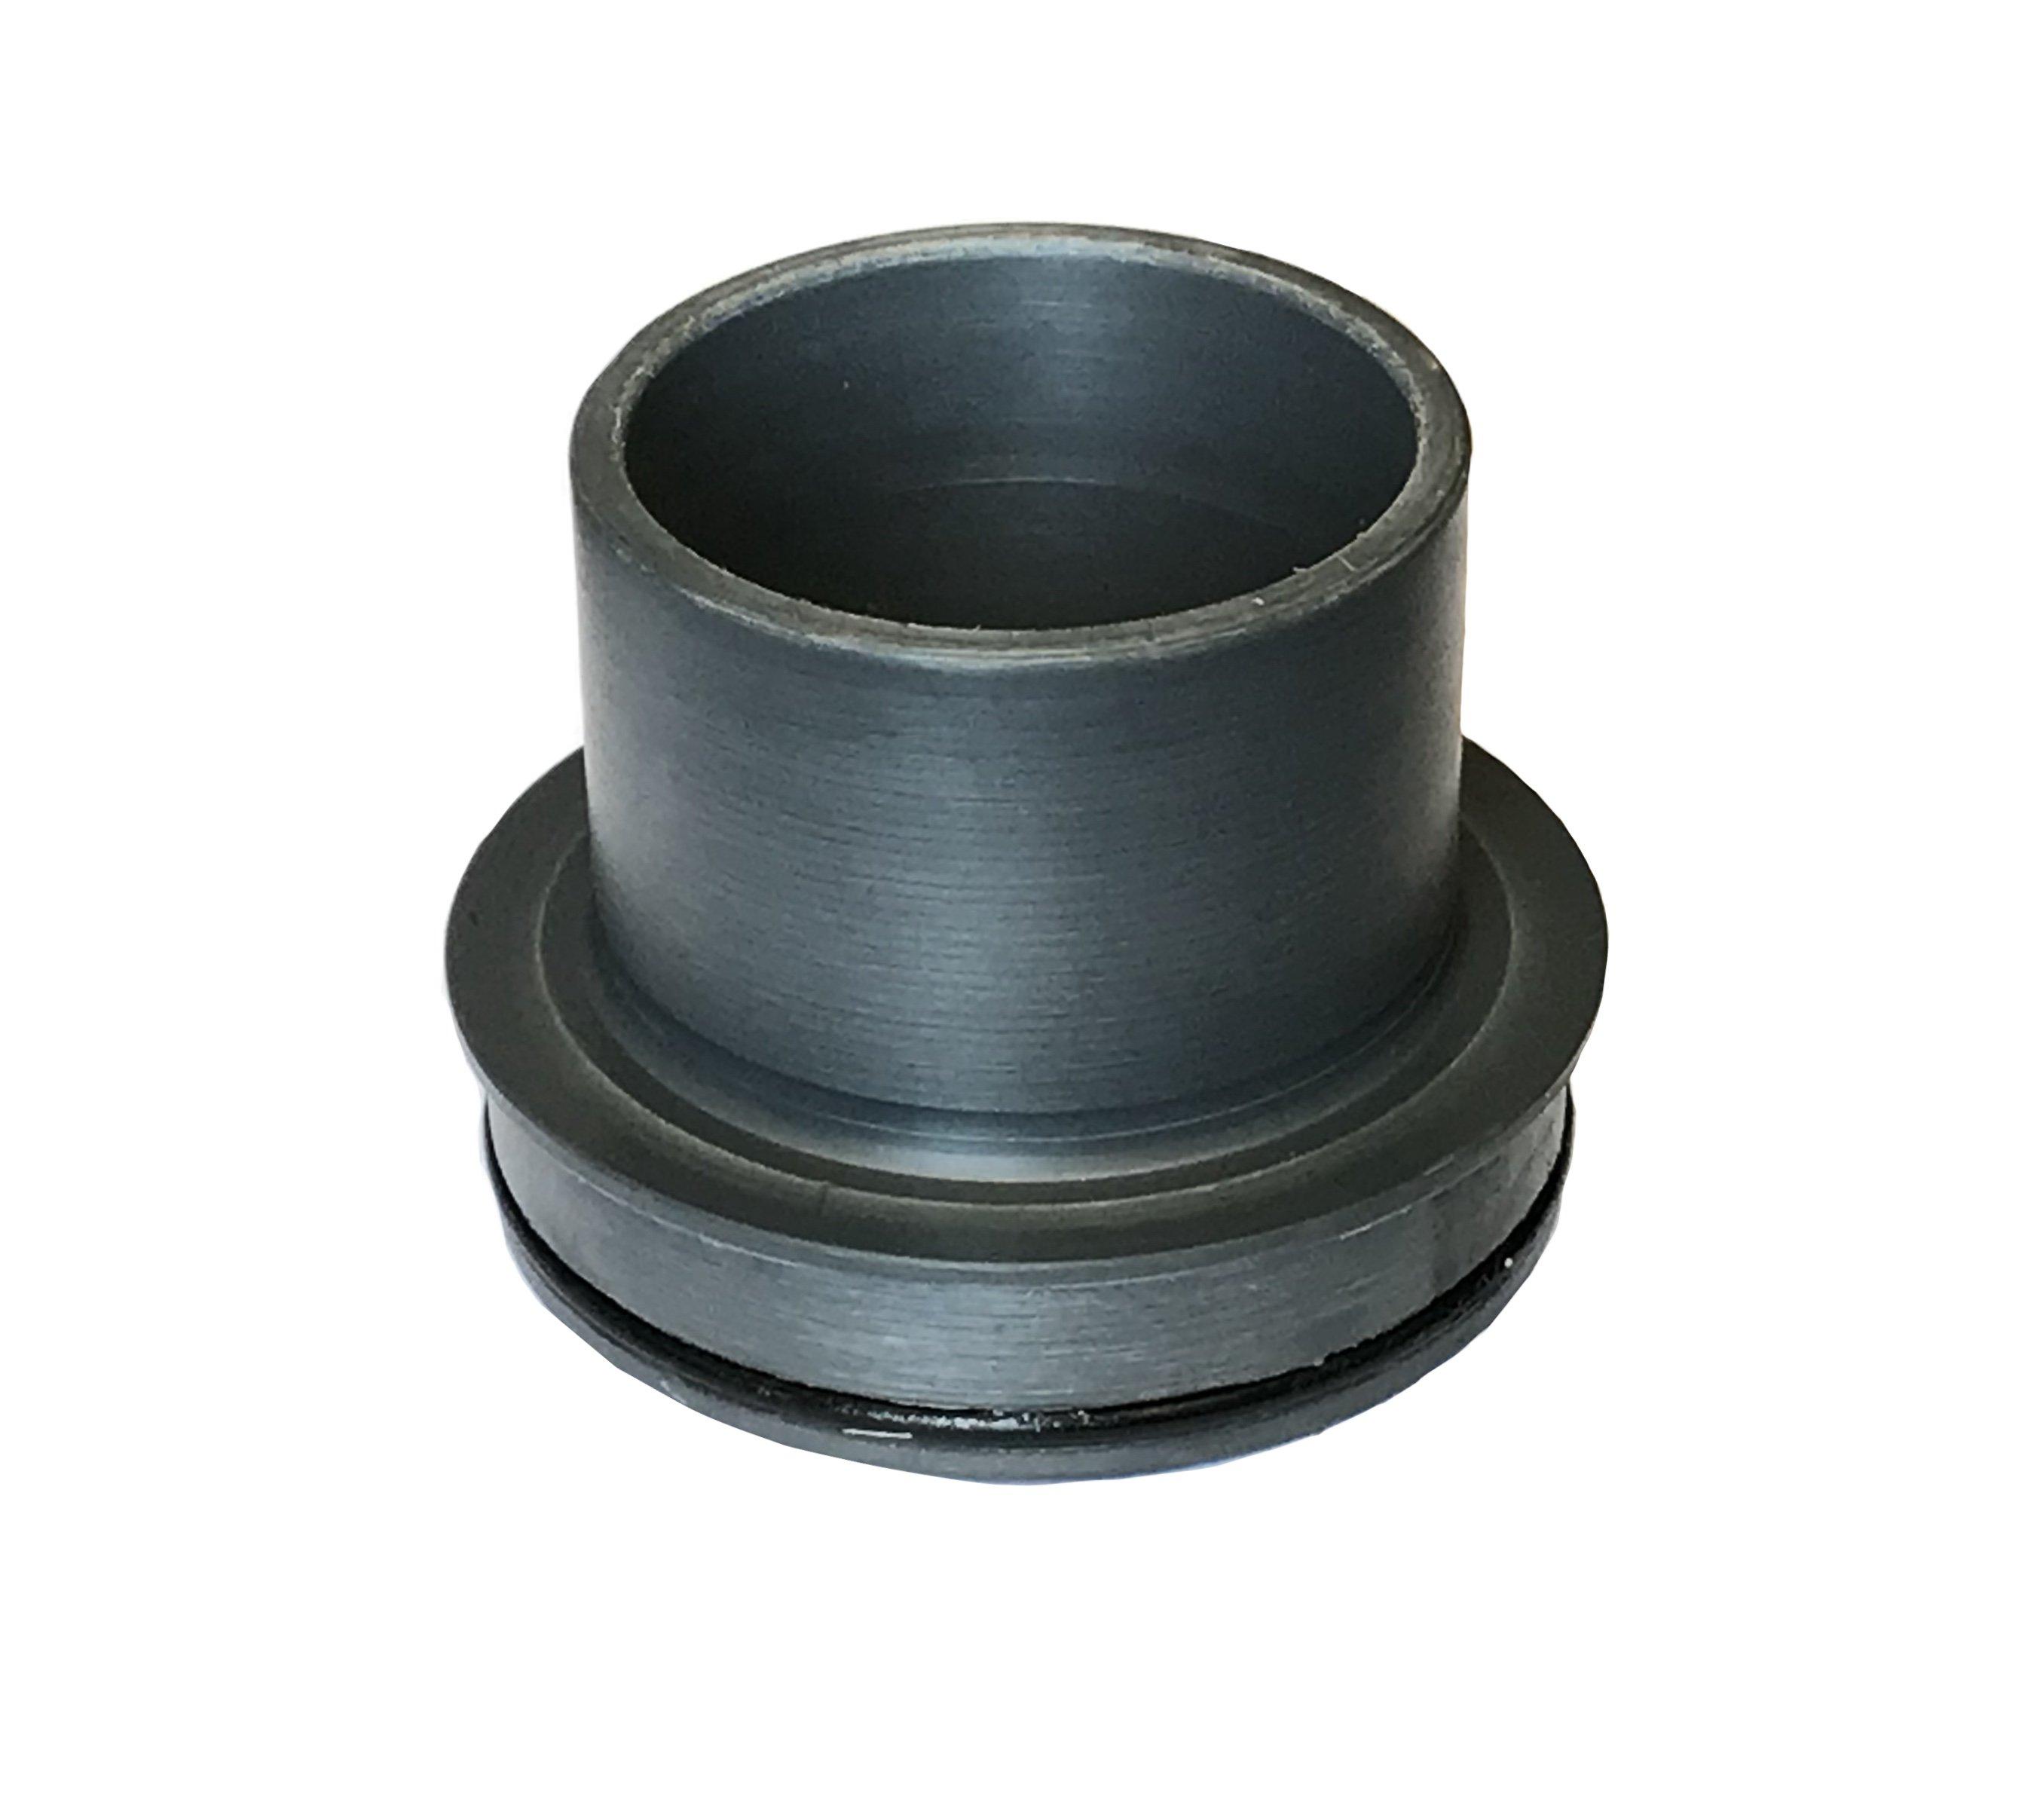 Truckmount Pre-Filter 3 Inlet Adaptor